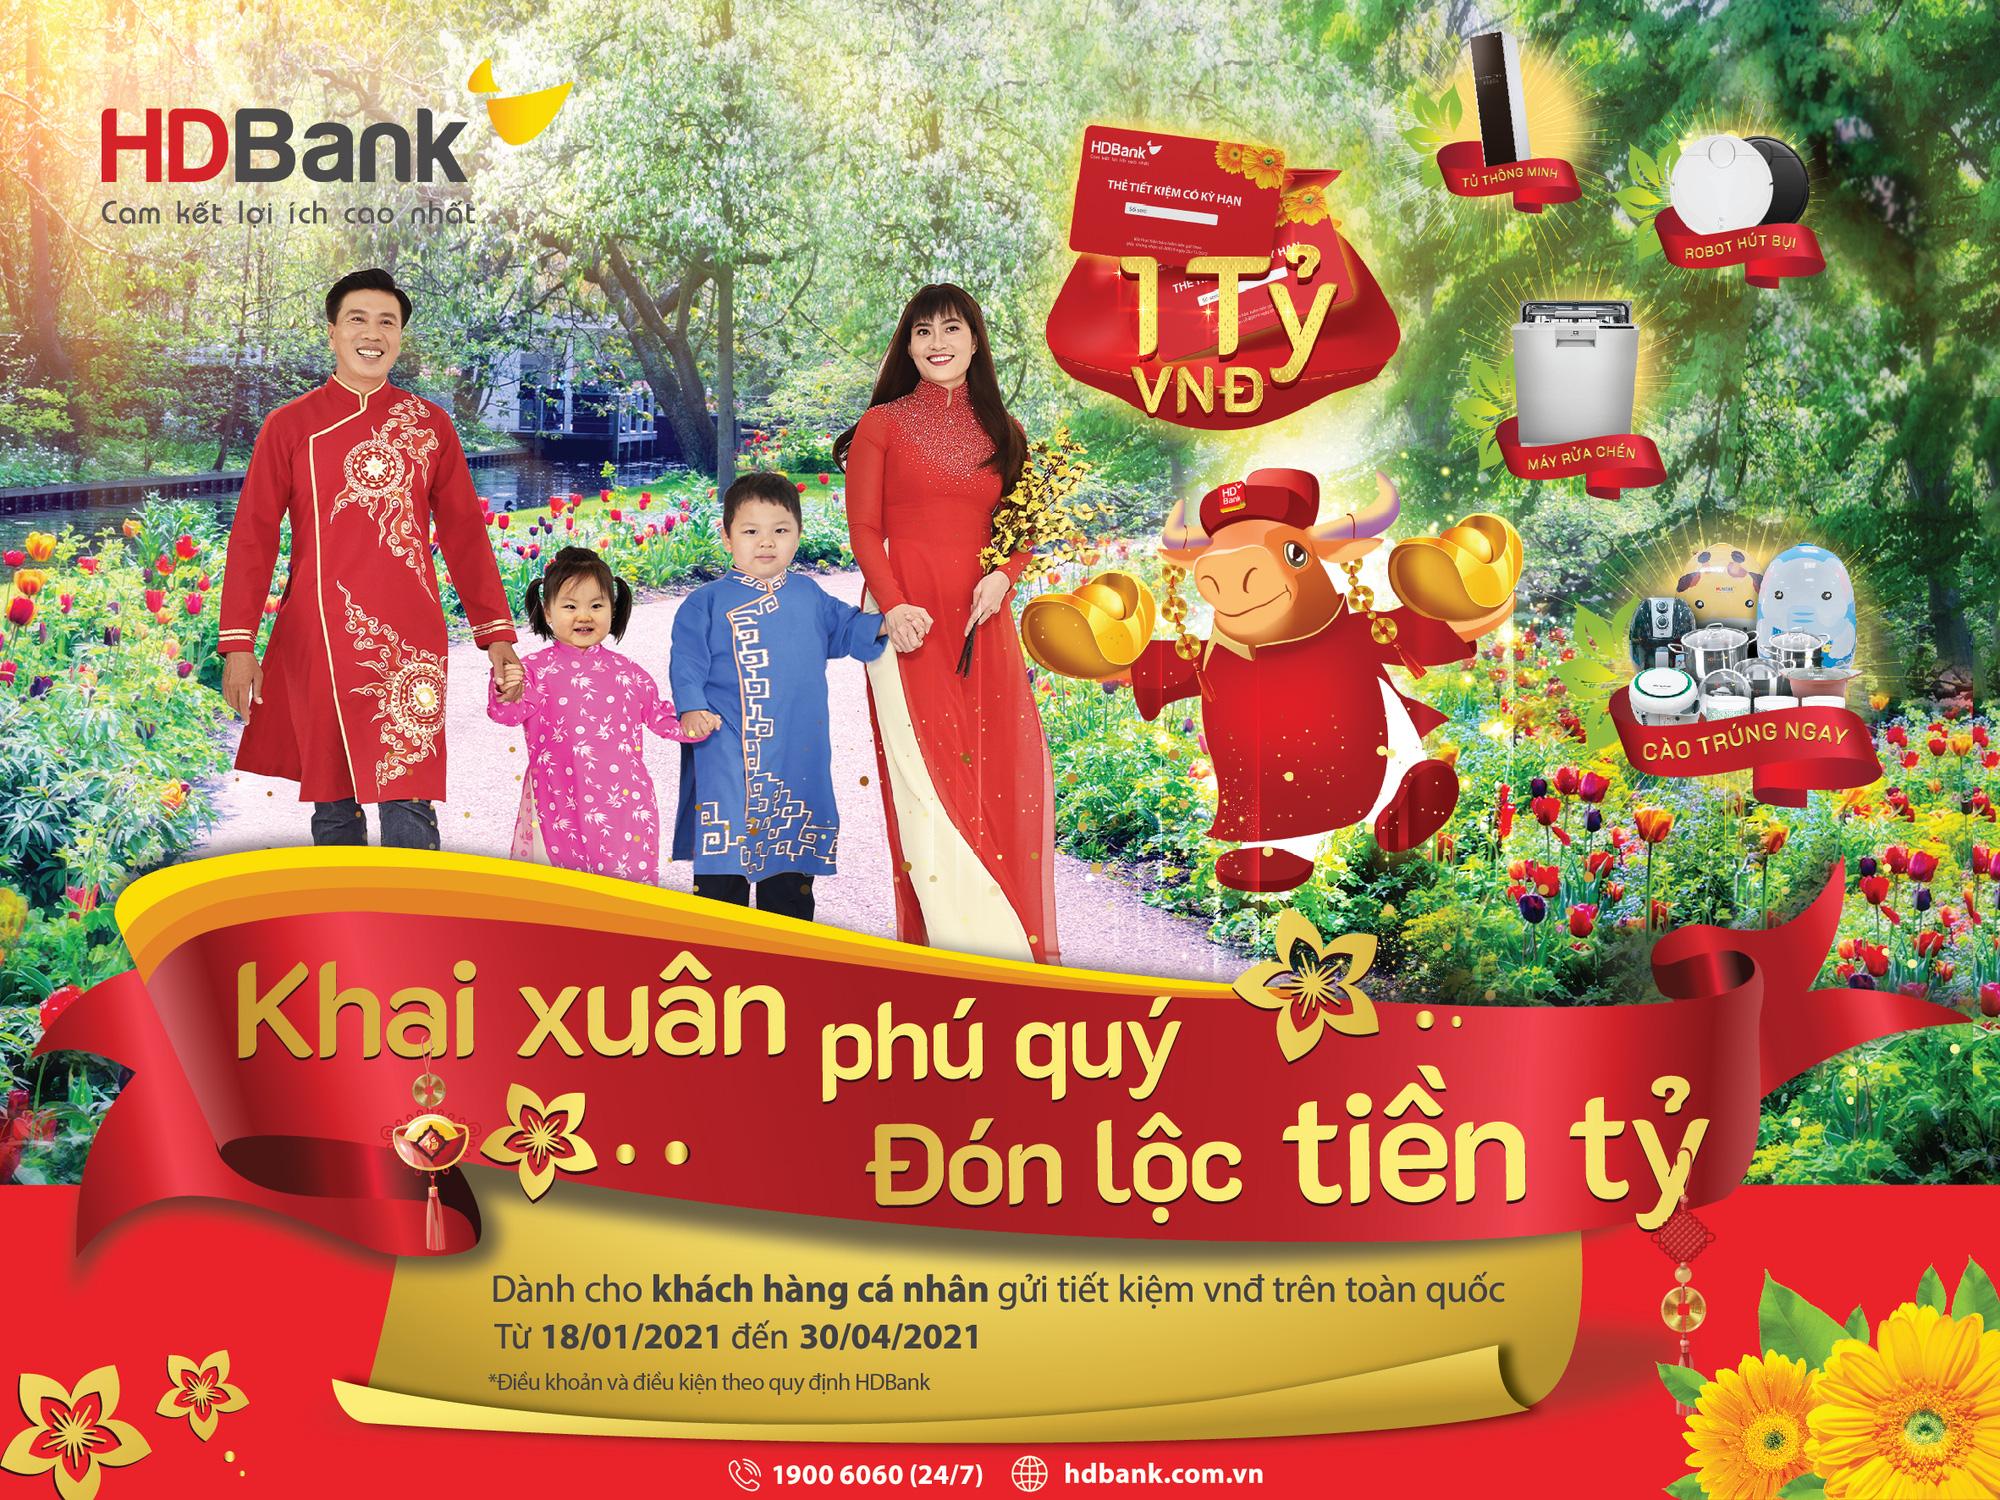 Gửi tiết kiệm ở HDBank nhận lộc tiền tỷ - Ảnh 1.